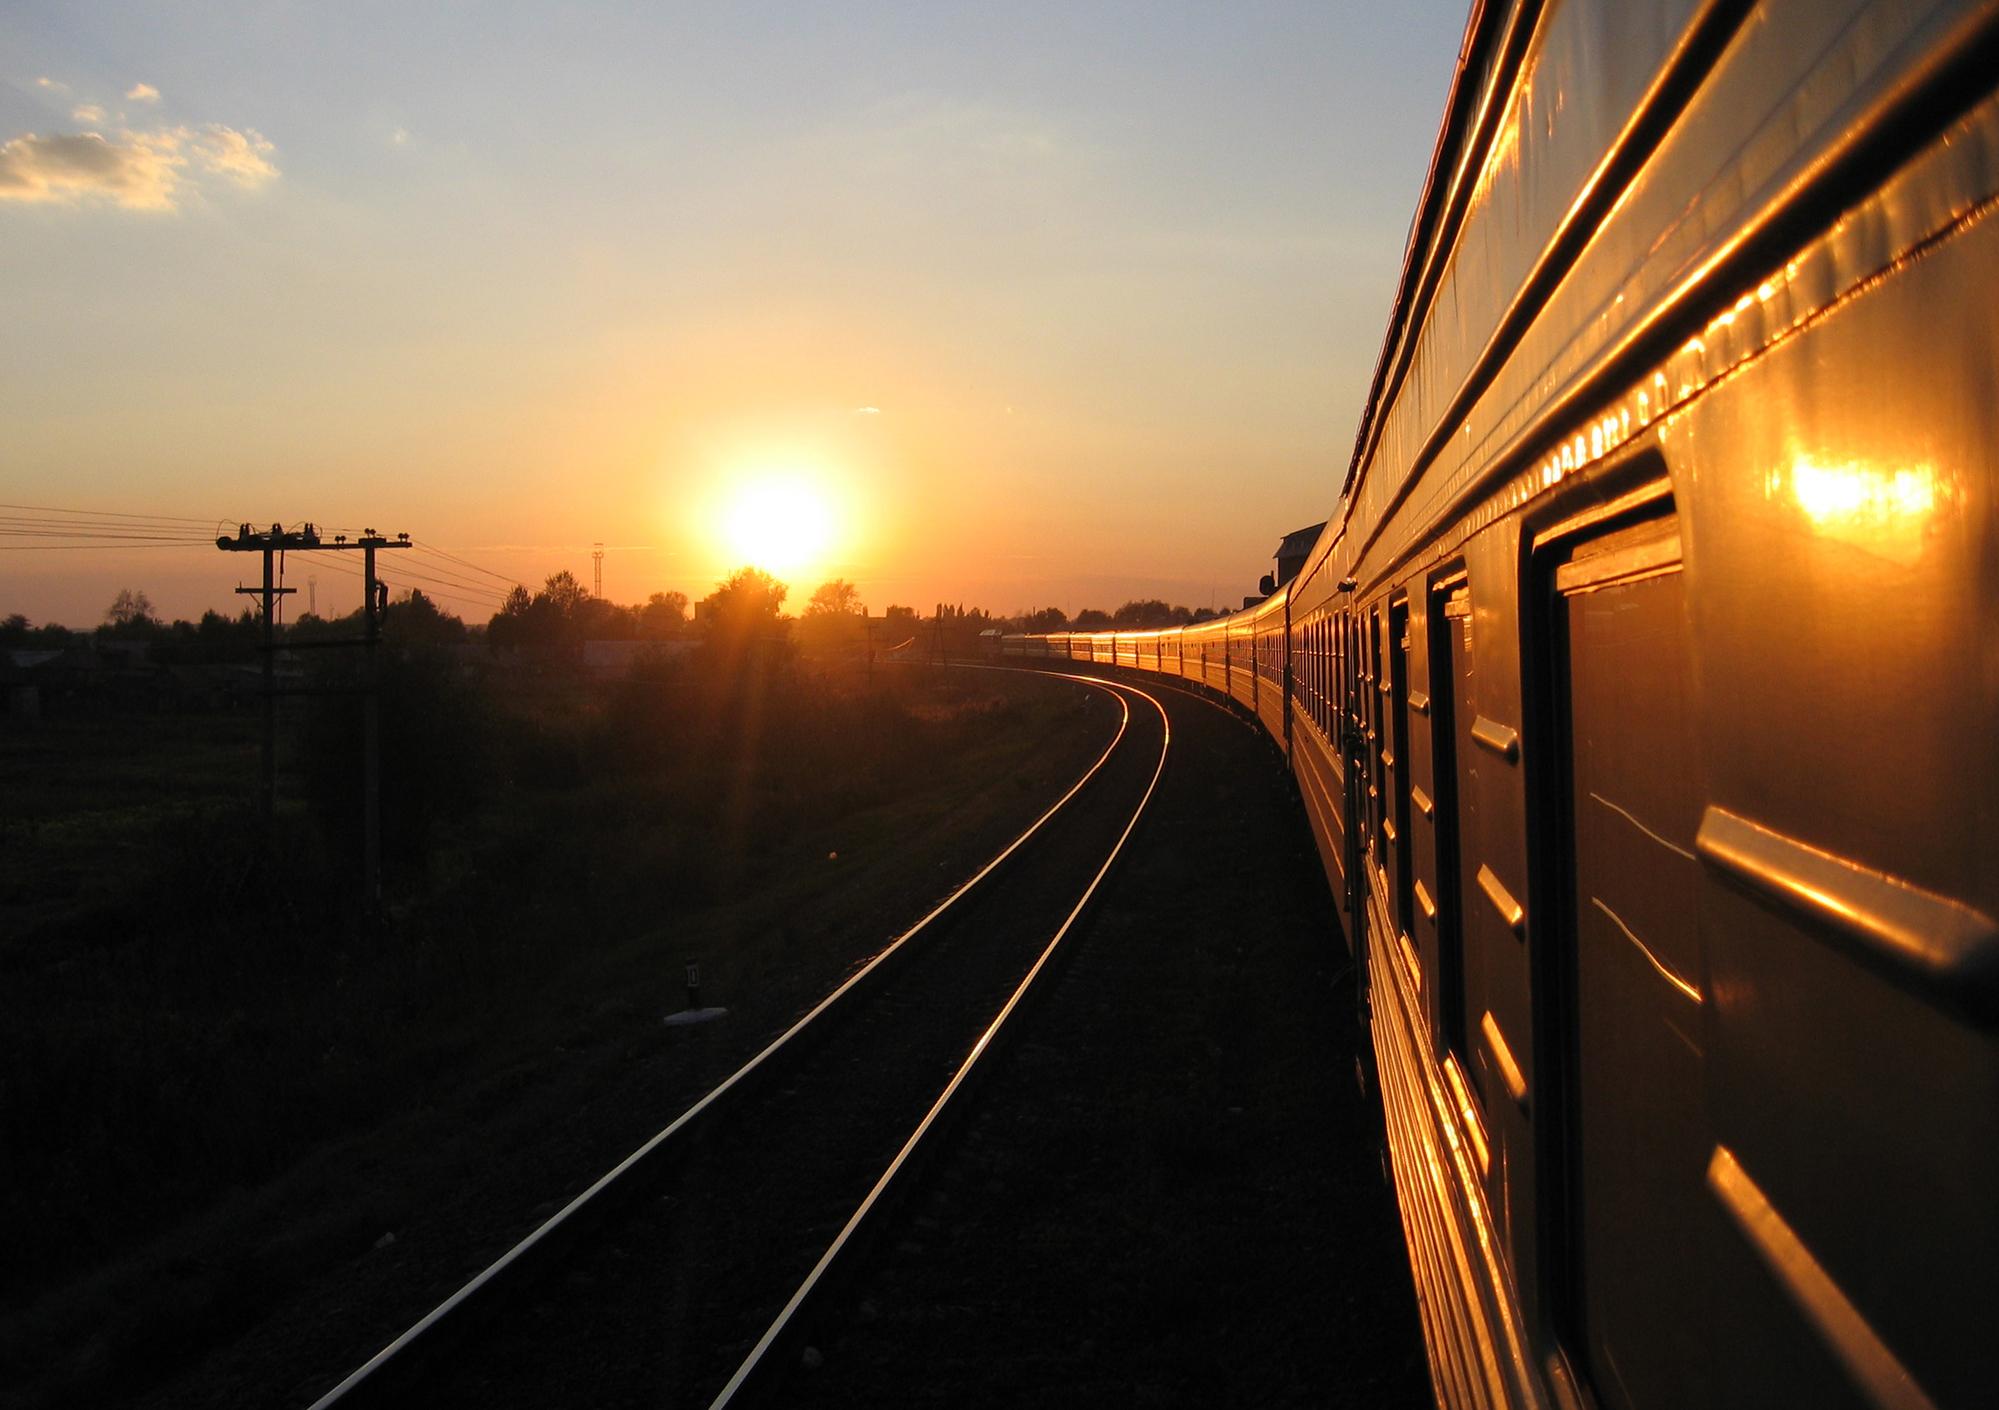 Які місця в потягу вважаються найбезпечнішими?